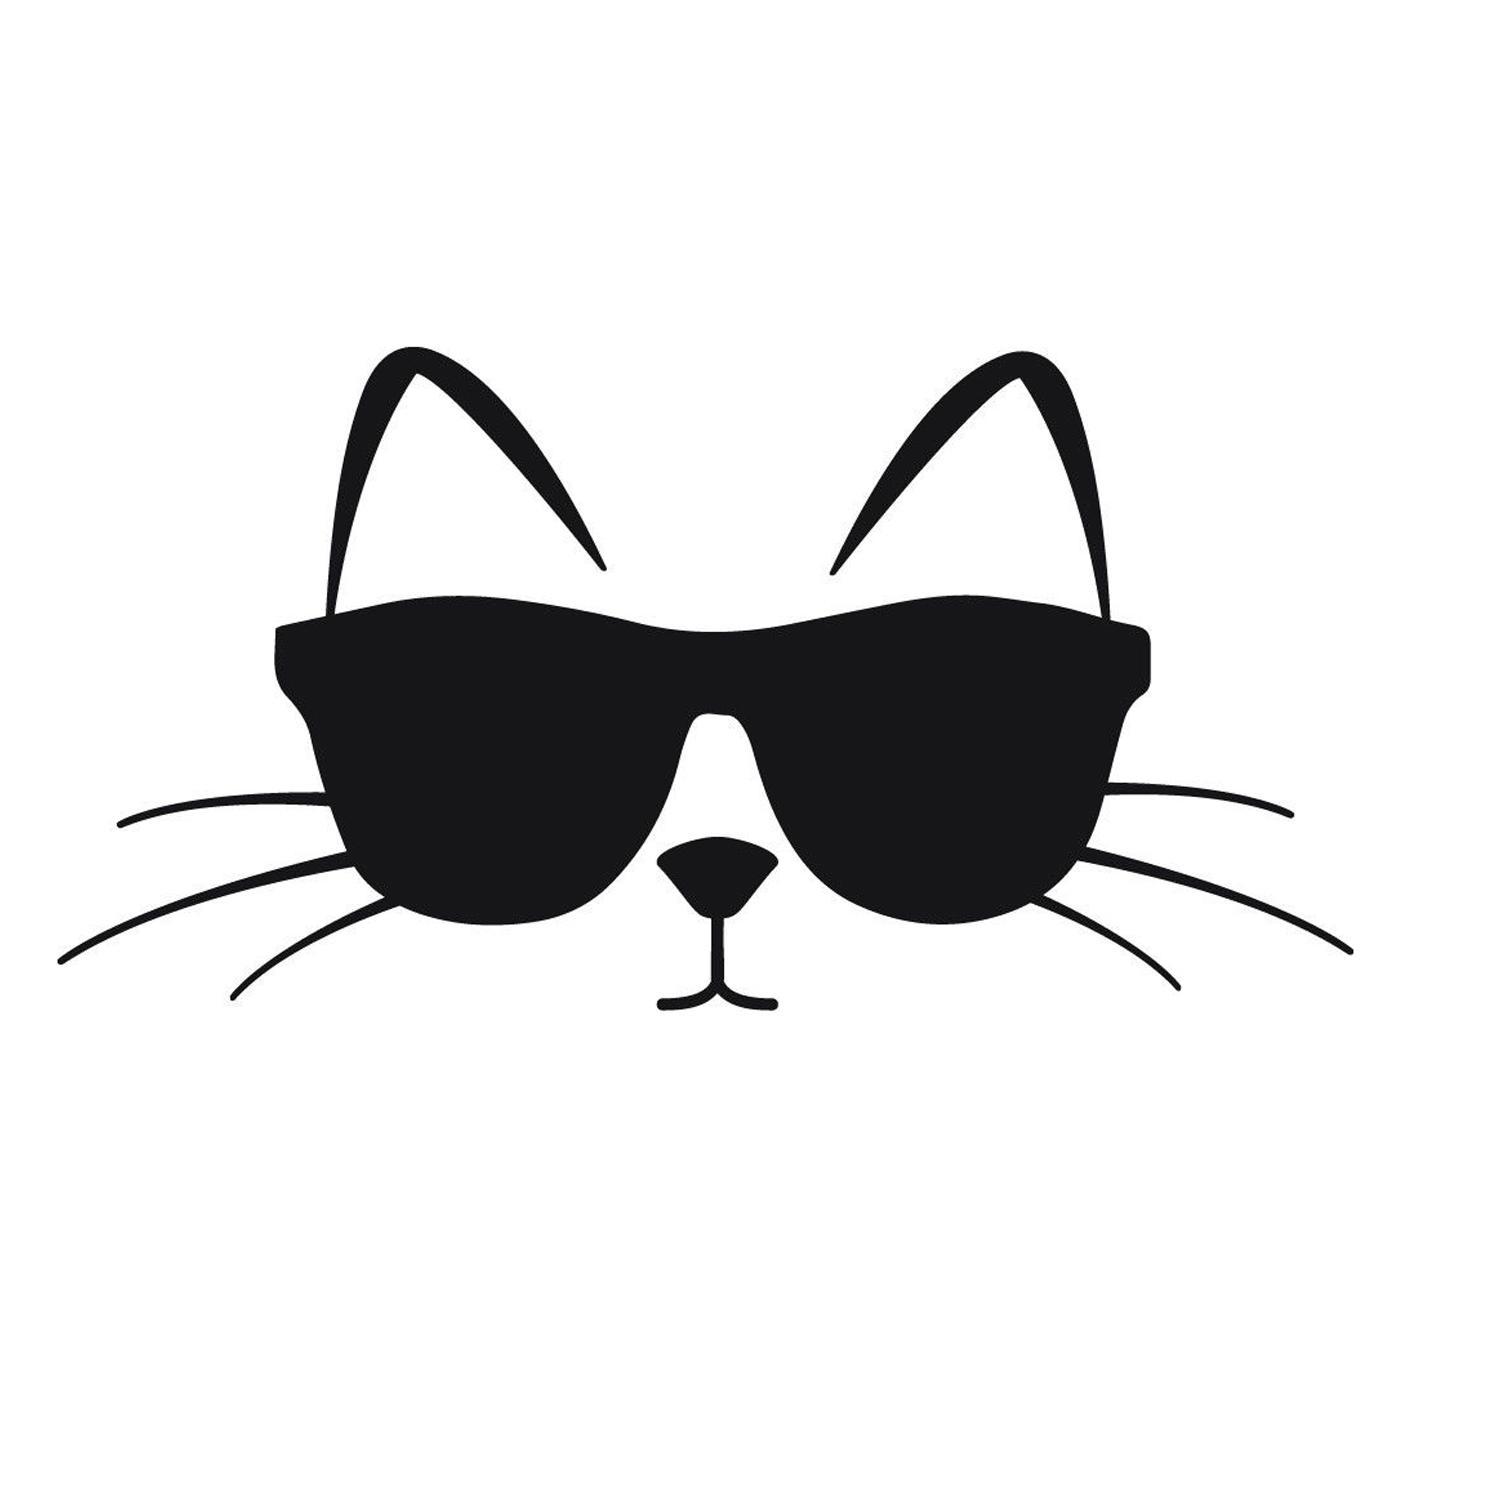 La De Compre Fresco Calcomanía Gafas Sol Ventana Gato Con TlKF35u1Jc